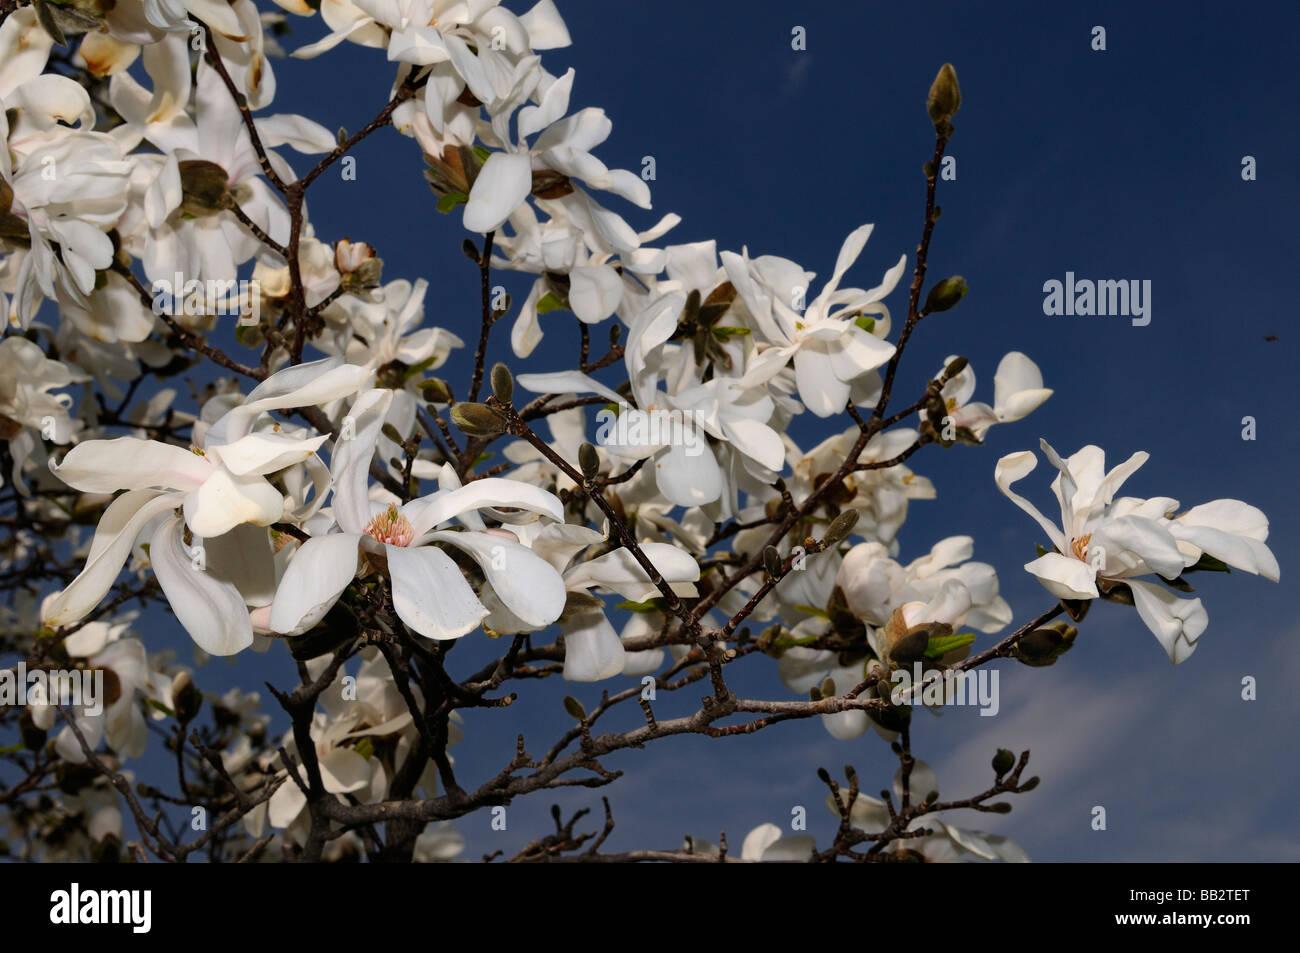 Magnolia Tree White Flowers In Stock Photos Magnolia Tree White